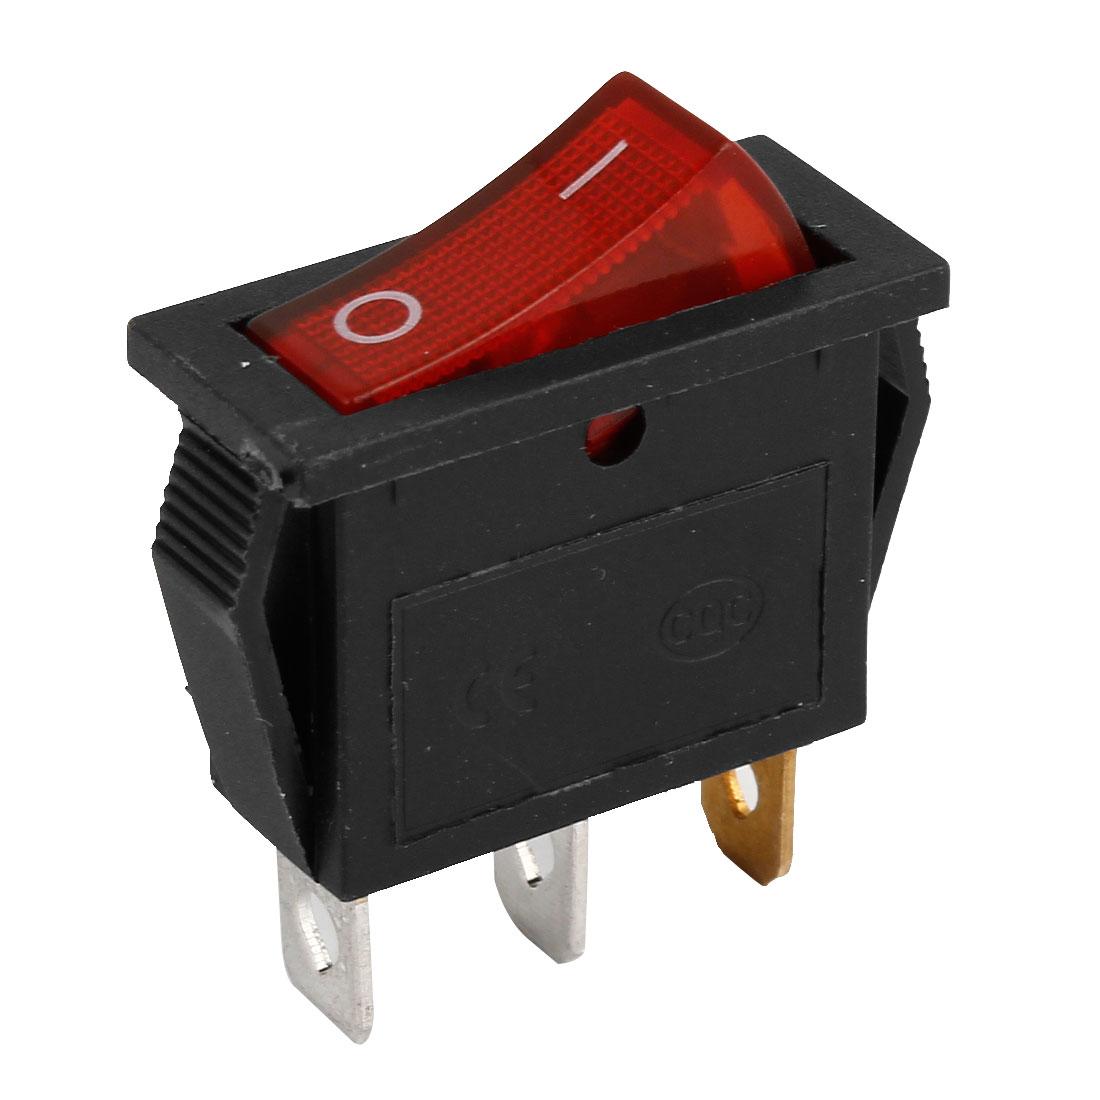 AC 250V/15A 125V/30A 3P SPST I/O Red Lamp Snap in Boat Rocker Switch